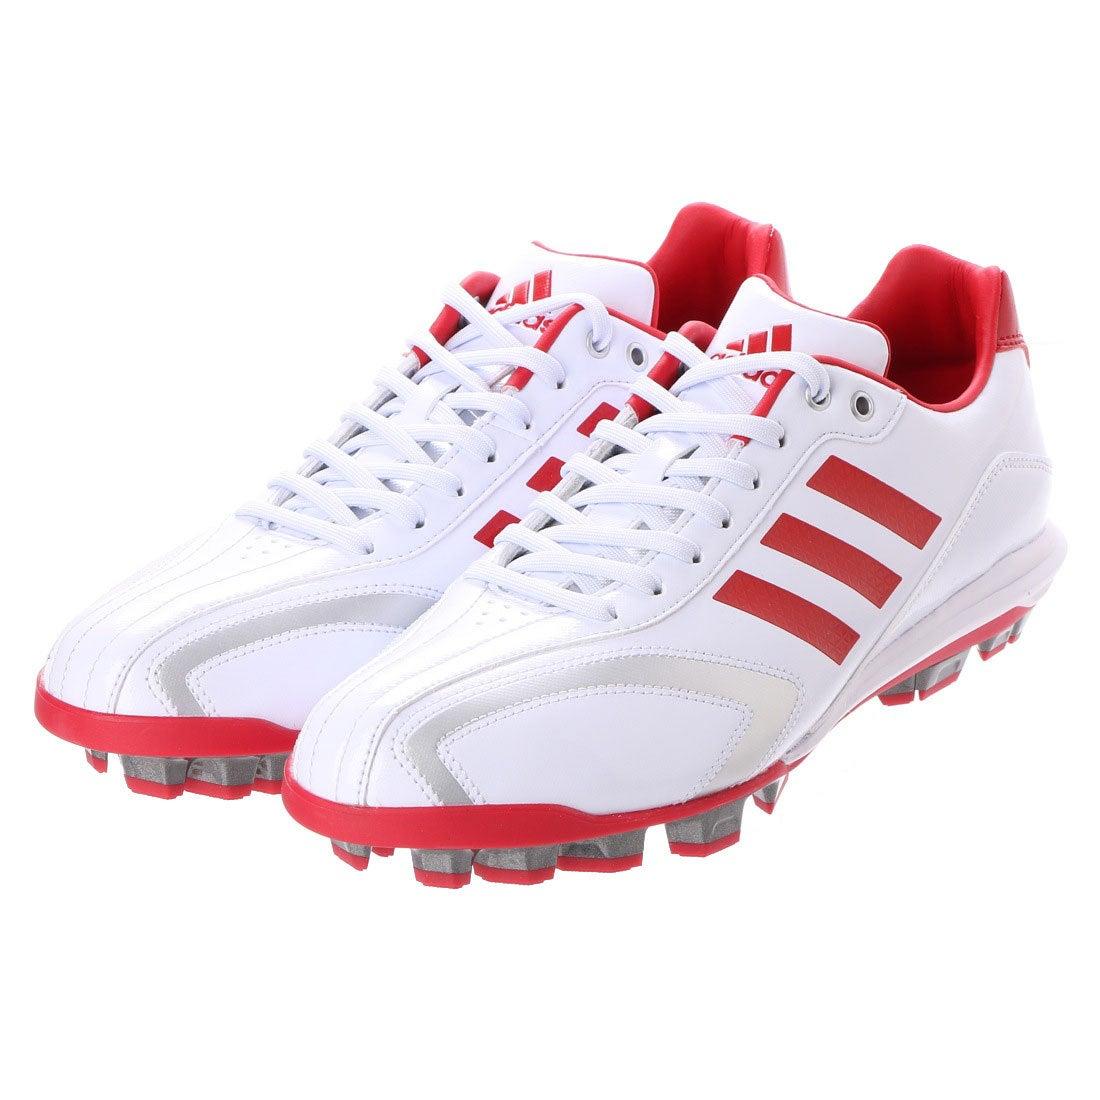 【SALE 30%OFF】アディダス adidas ユニセックス 野球 スパイクシューズ アディピュアT3 LOW ポイント AQ8227 327